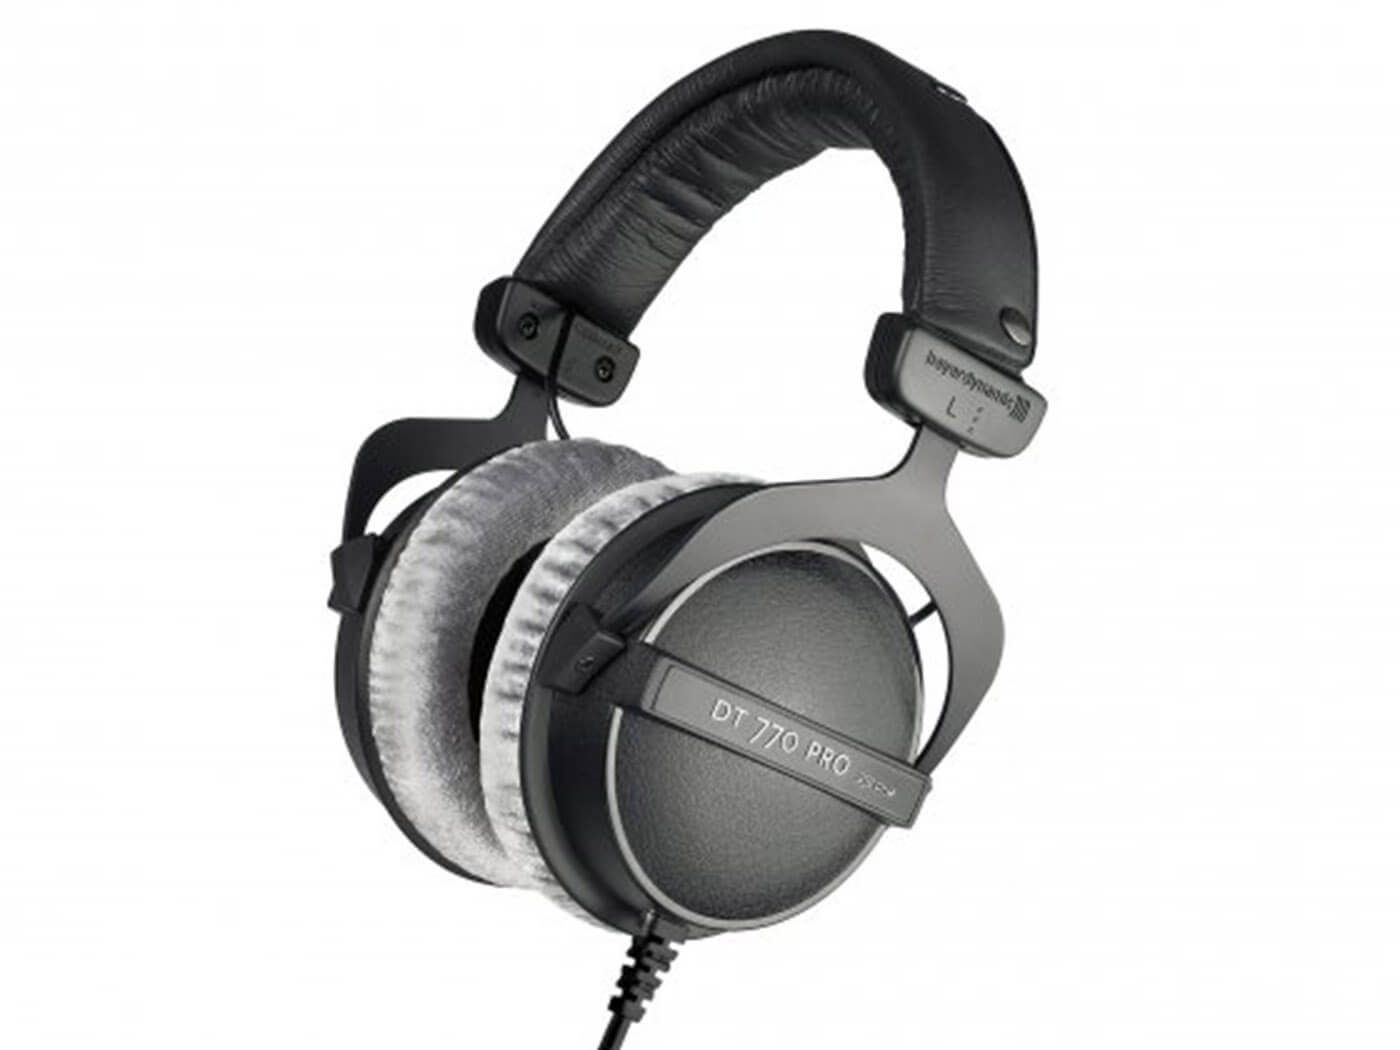 AKG DT770 Pro